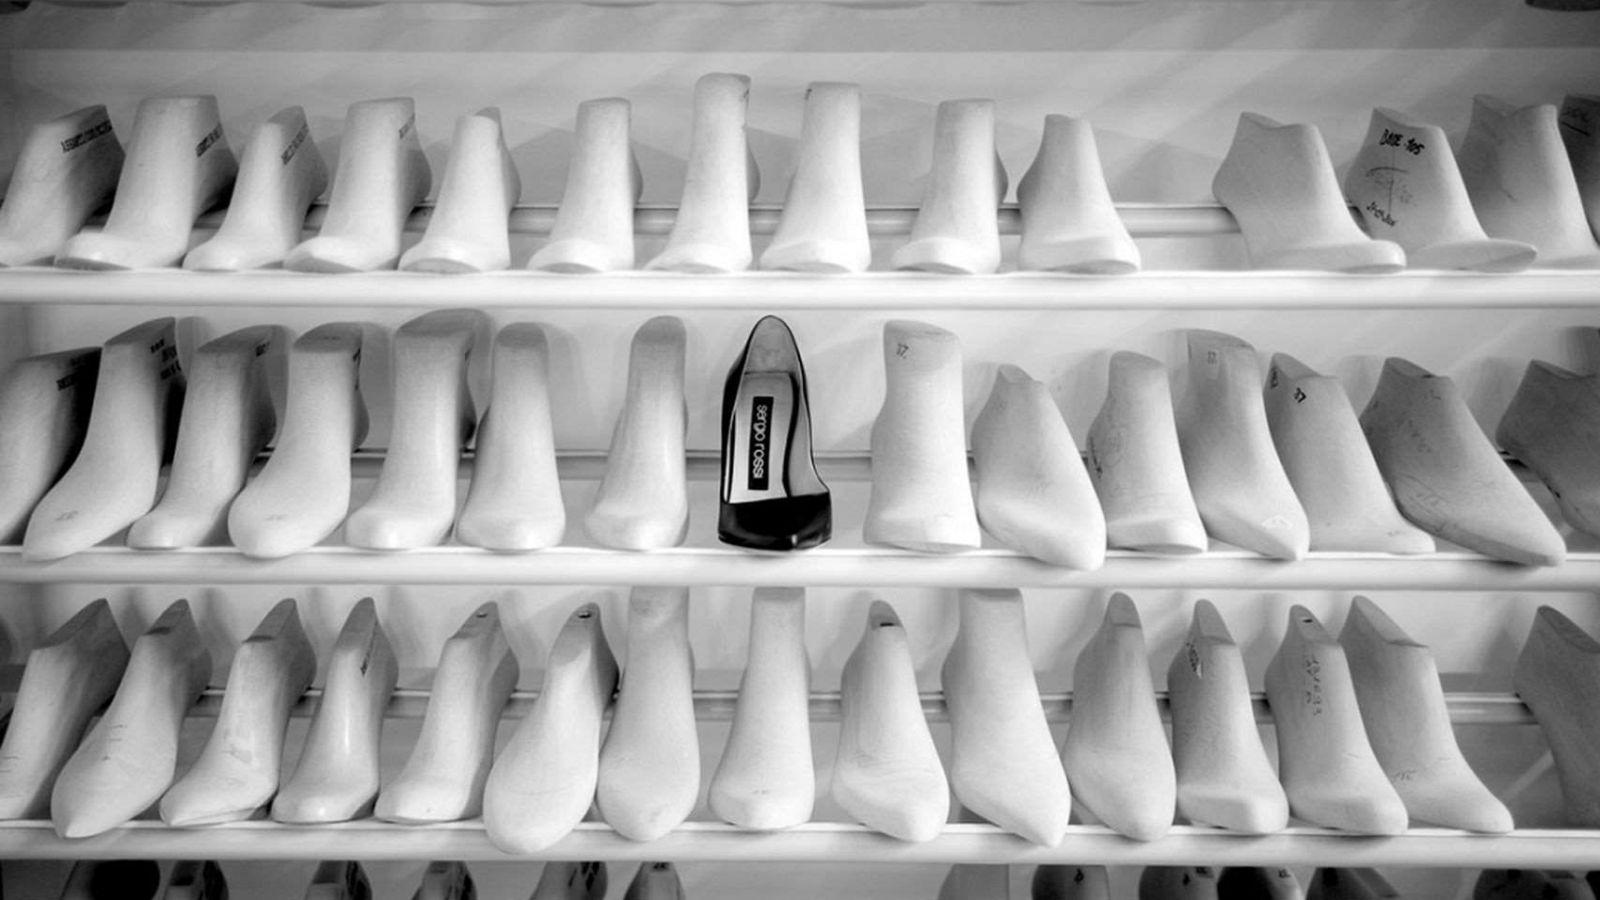 Σέρτζιο Ρόσι πέθανε: Έφυγε από τη ζωή ο διάσημος σχεδιαστής παπουτσιών από κορονοϊό